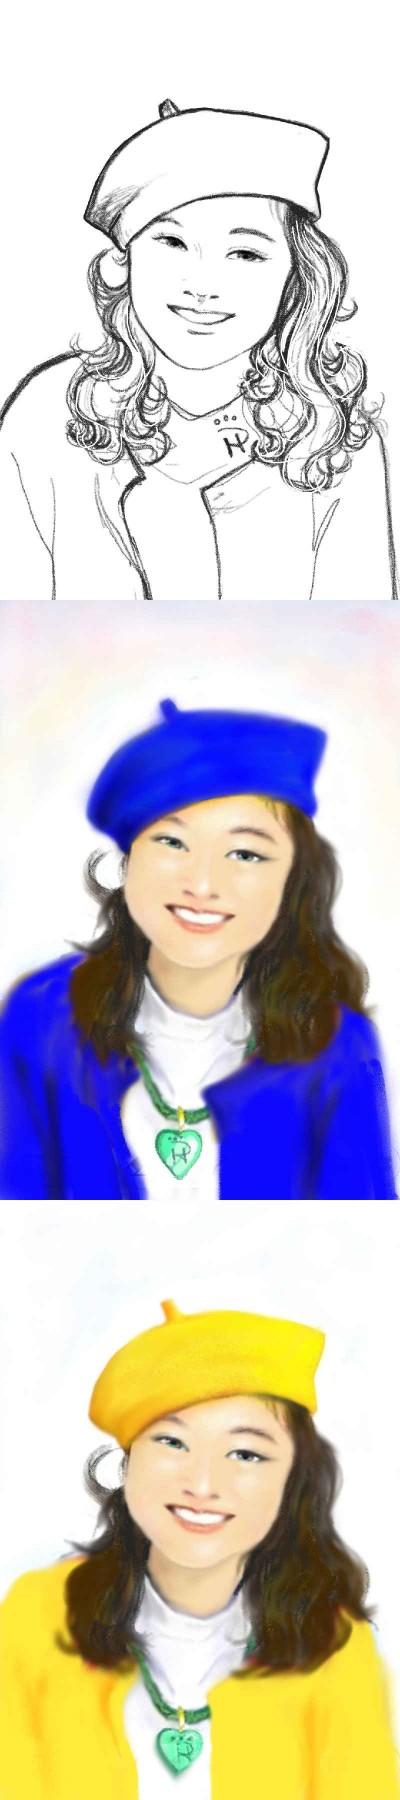 Coloring play | Nokhong | Digital Drawing | PENUP